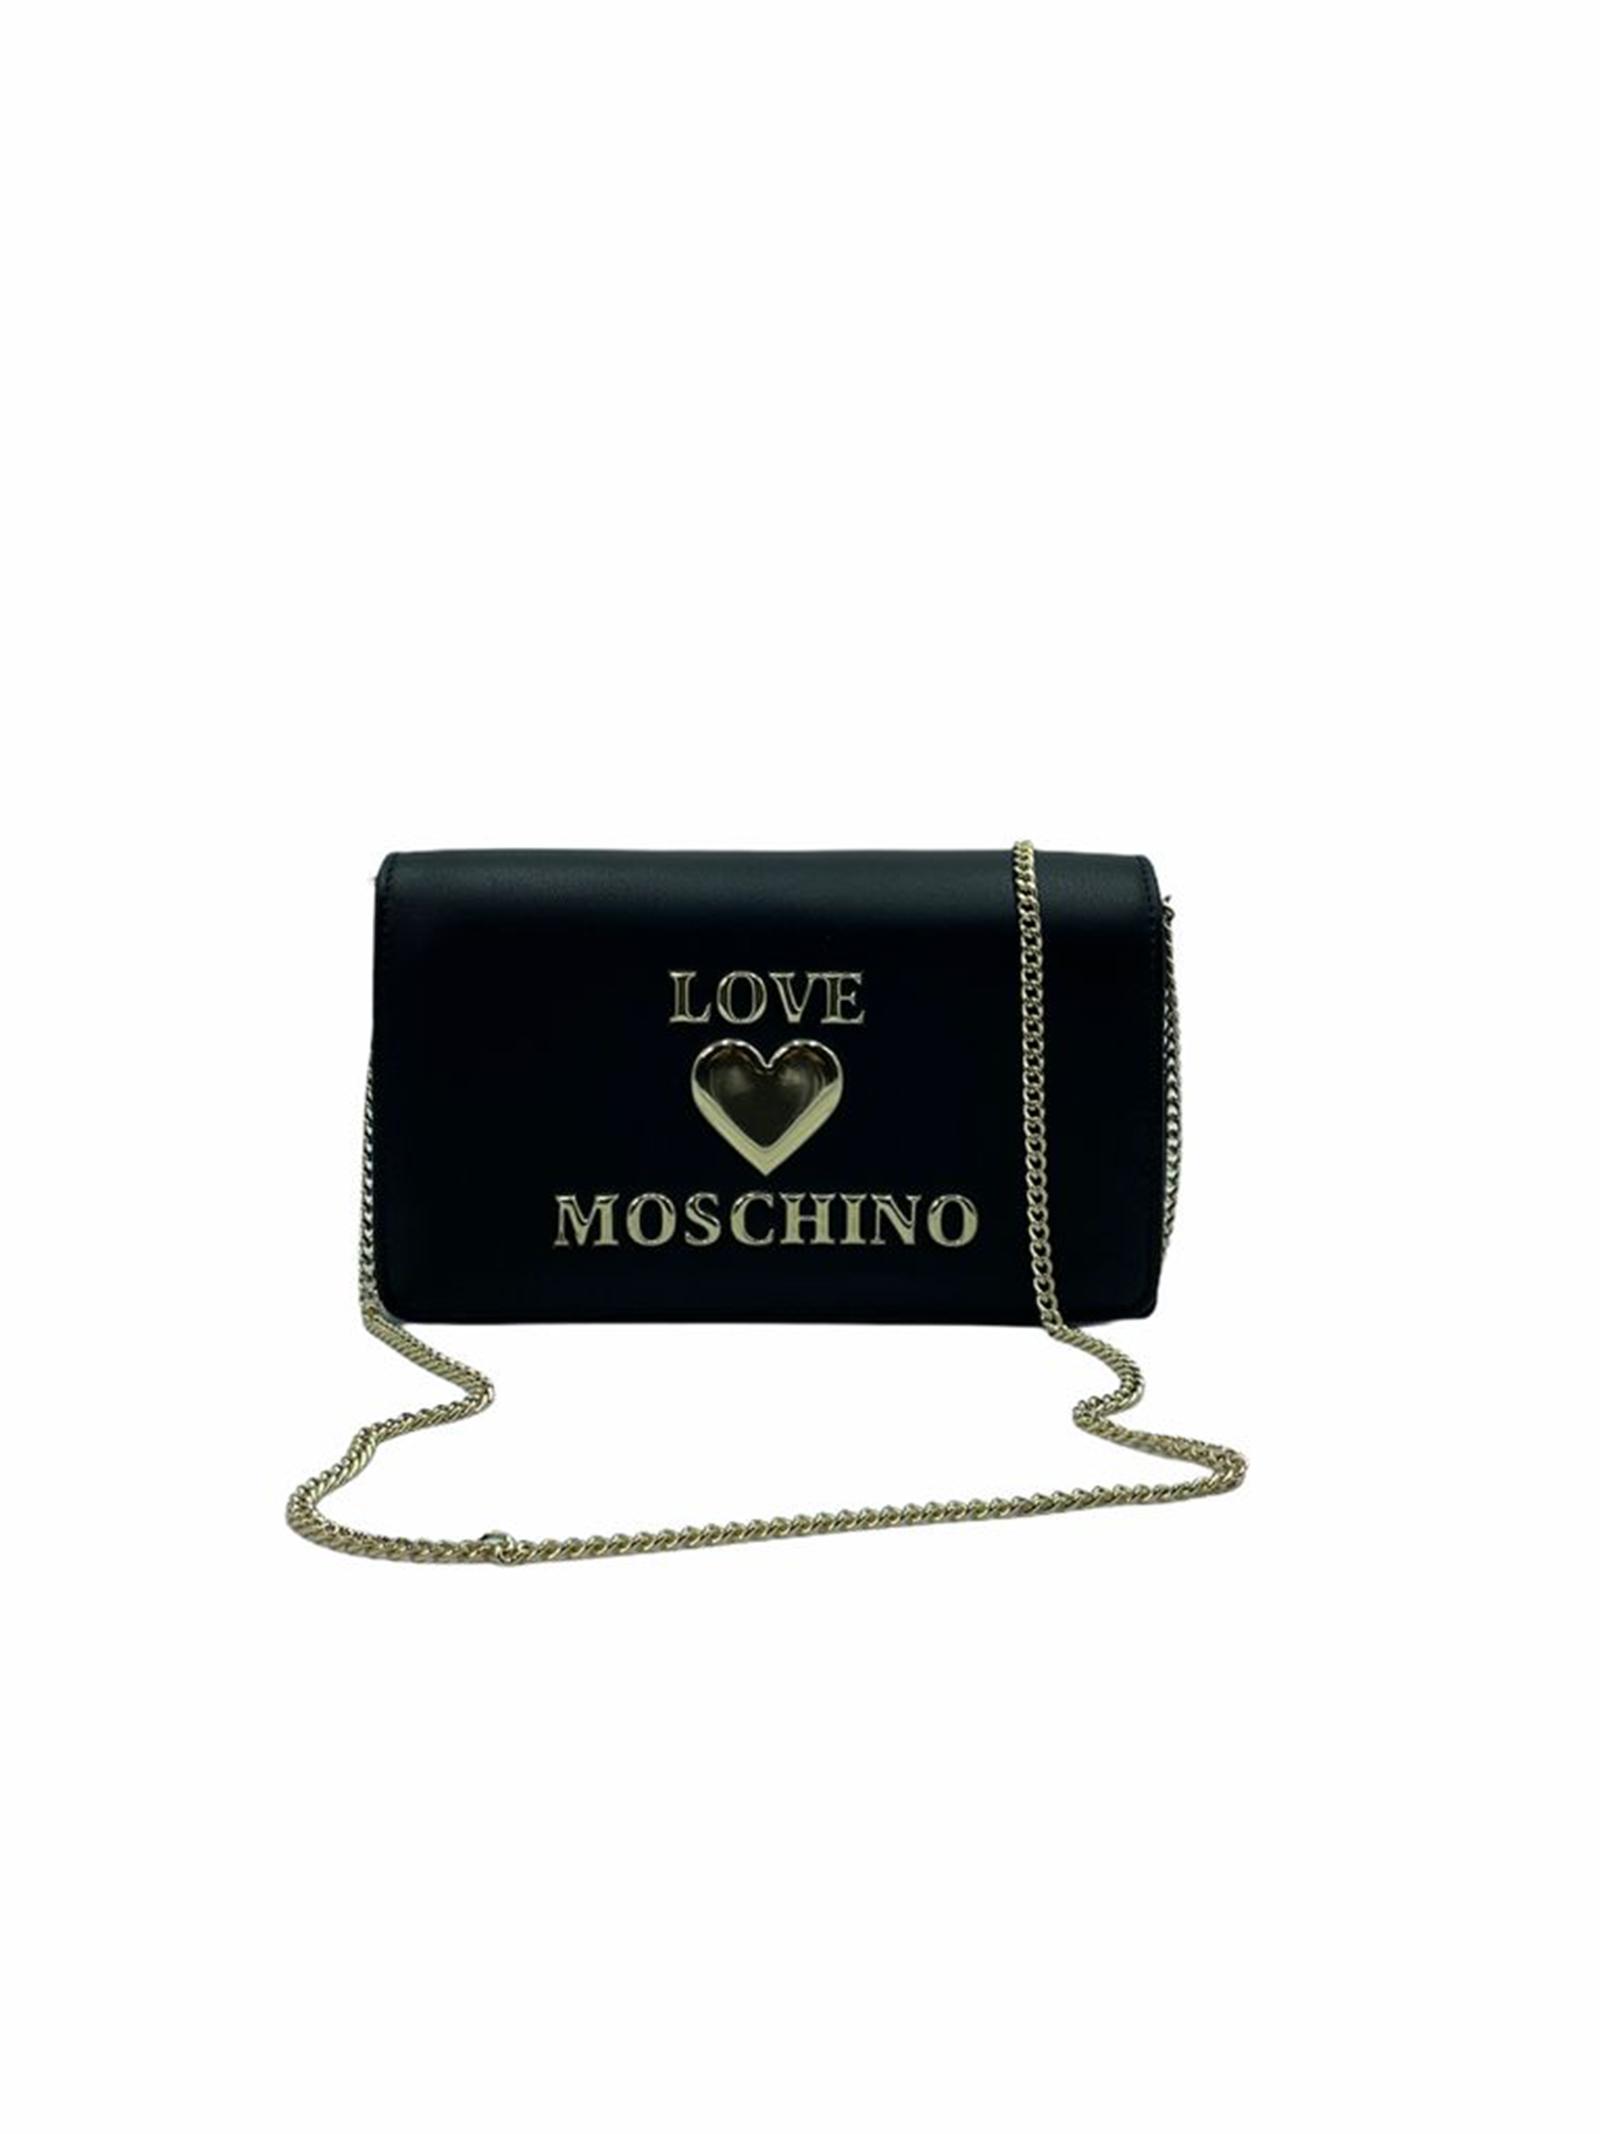 LOVE MOSCHINO      JC4083PP1CLF0000NERO